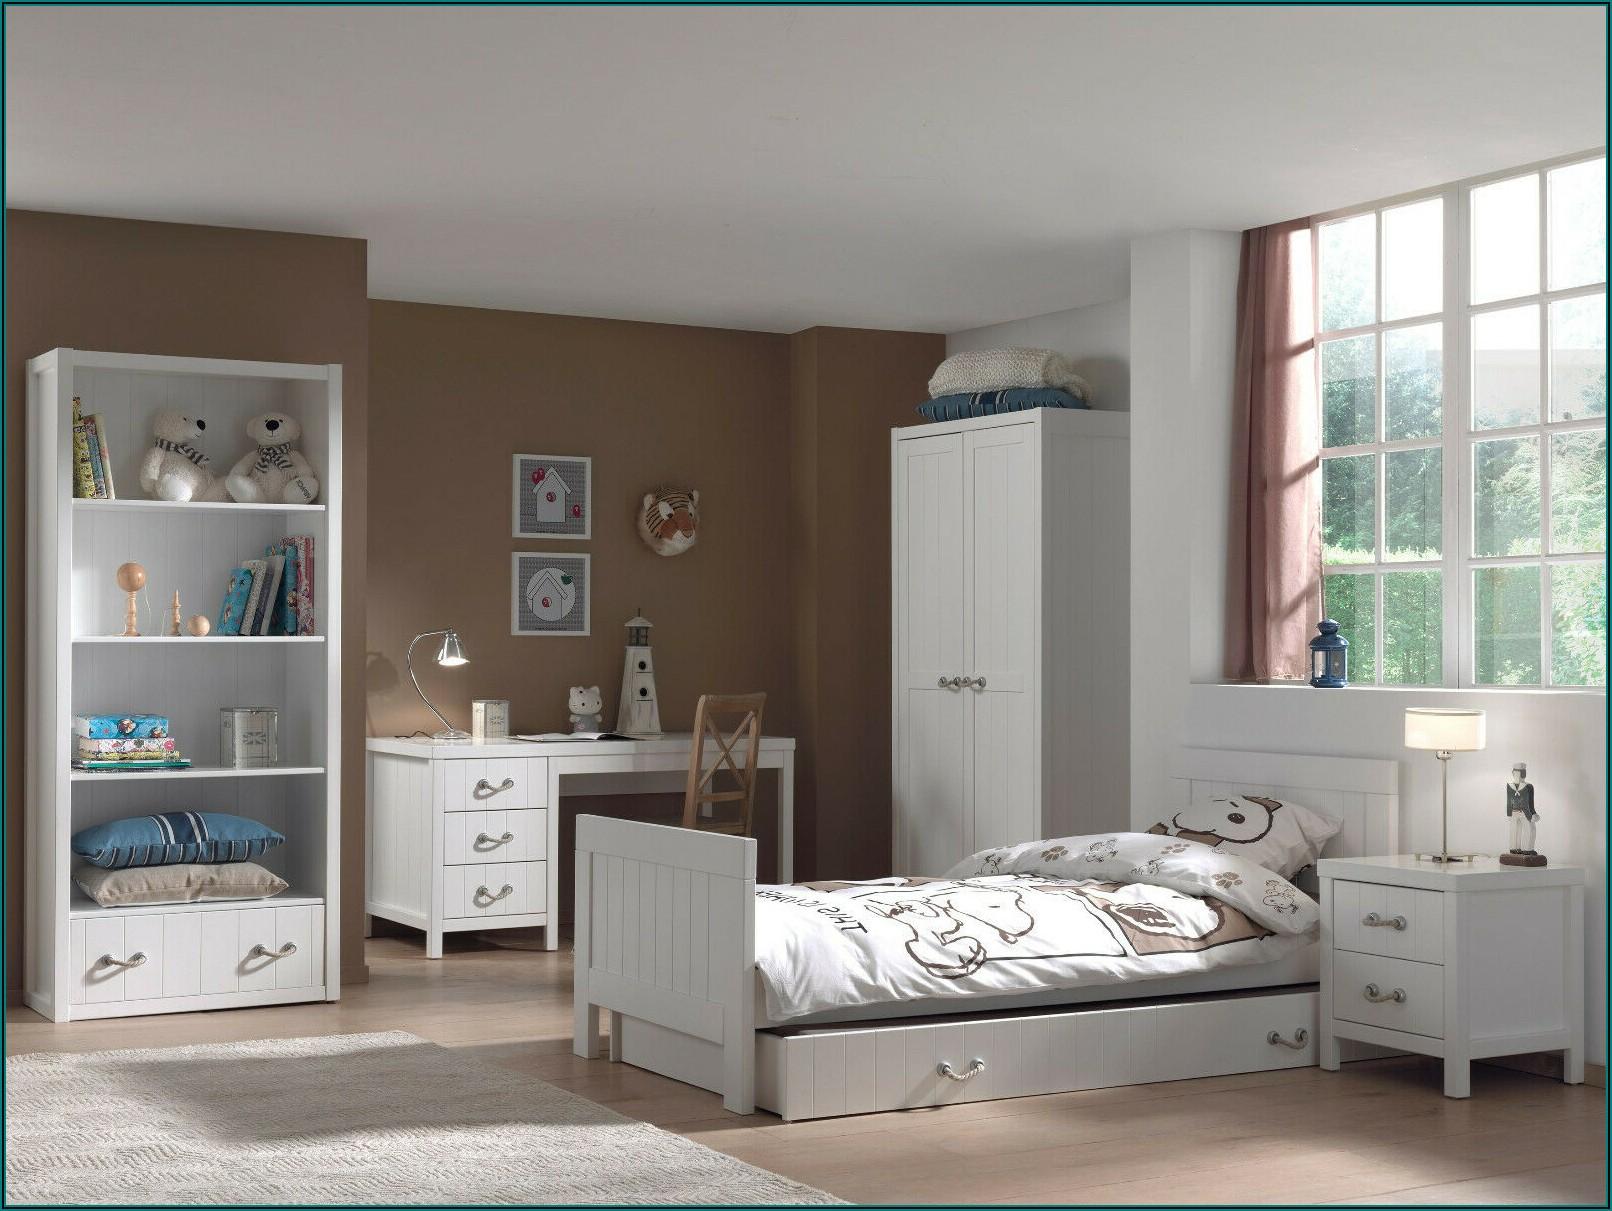 Kleines Kinderzimmer Größer Wirken Lassen